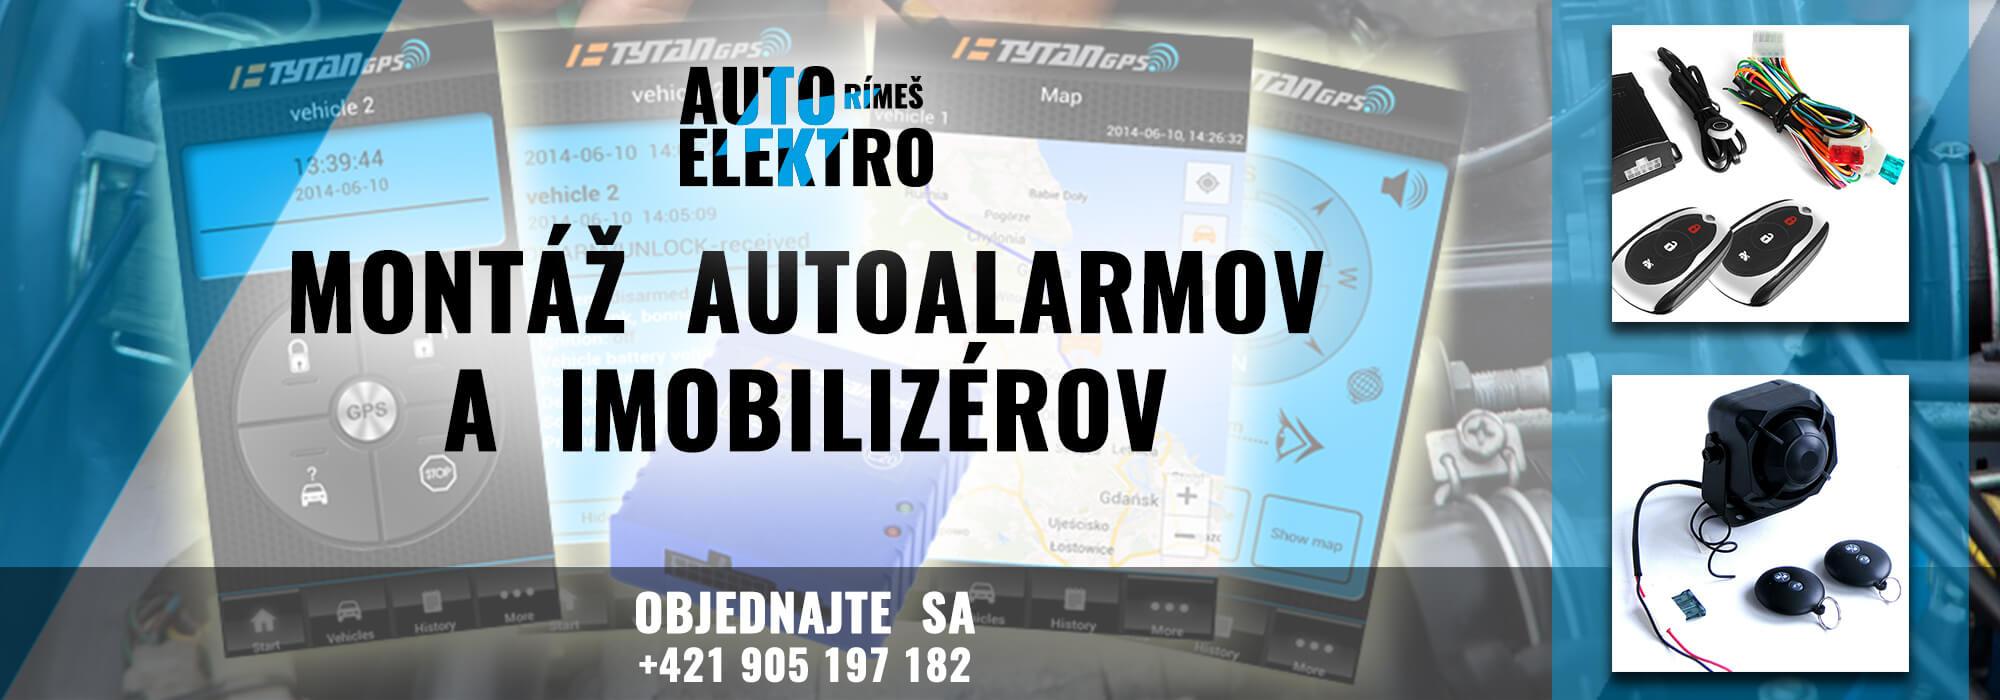 AER 2000×700 montaz autoalarmov a imobilizerov 2